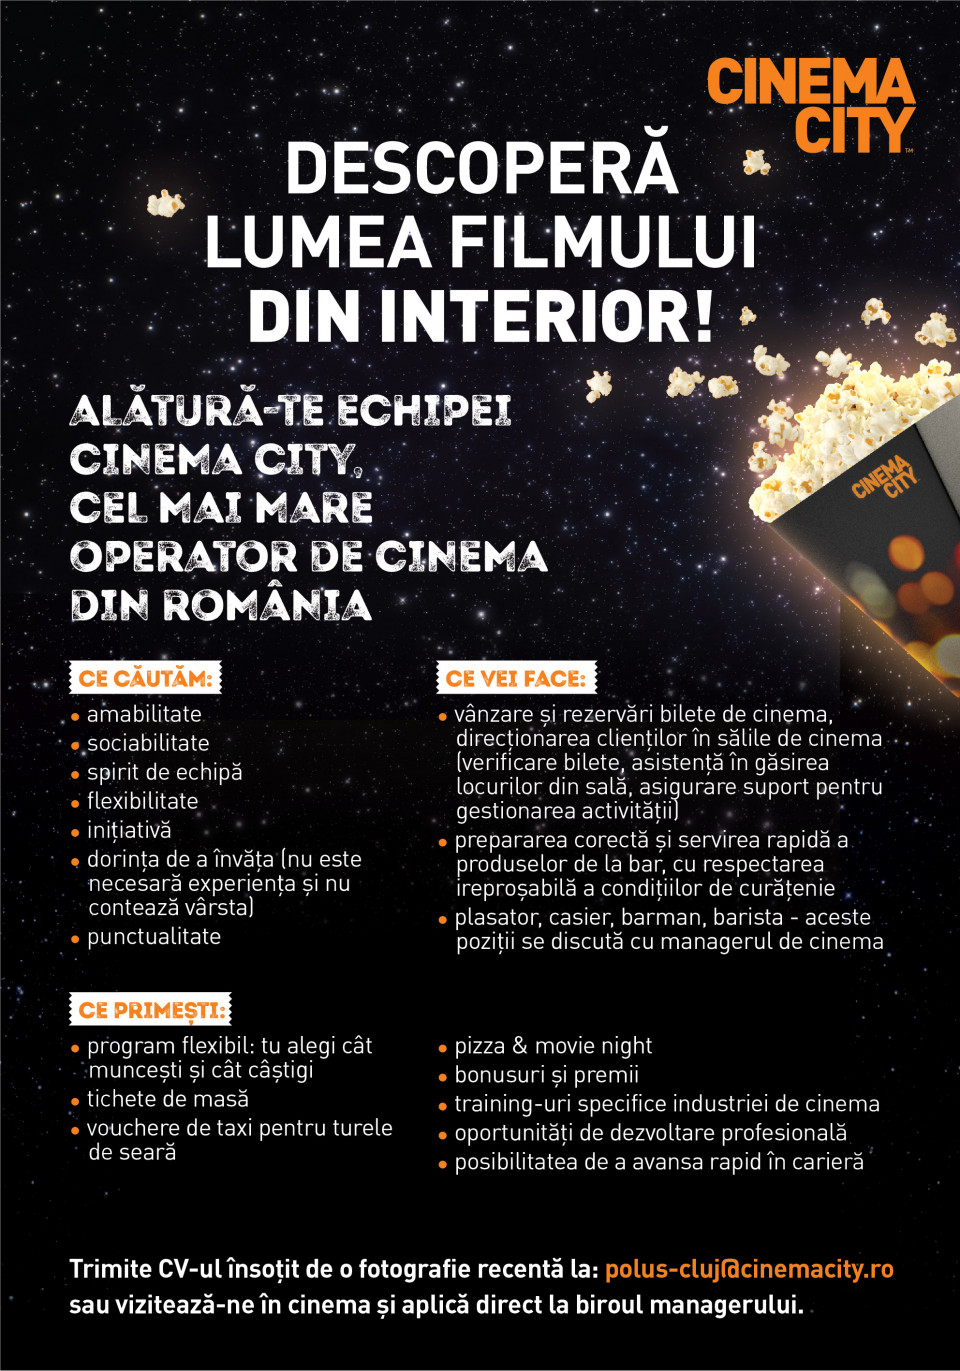 DESCOPERĂ LUMEA FILMULUI DIN INTERIOR!  Alătură-te echipei Cinema City, cel mai mare operator de cinema din România.  Cum ne dorim sa fie noul nostru coleg:  Cu atitudine pozitivă Dornic să învețe (nu este necesară experiența și nu contează vârsta) Punctual Cu bune abilități de comunicare și relaționare Amabil Să îi placă să lucreze în echipă Determinat Cu inițiativă Căutăm colegi care să descopere cu entuziasm lumea filmului din interior pentru următoarele roluri  Barman / Barista / Casier / Plasator  În funcție de rolul potrivit pentru tine, responsabilitățile generale ar putea fi:  - vânzarea de bilete și rezervări bilete de cinema, direcționarea clienților în cinema (verificare bilete, asistență în găsirea locurilor din sală, asigurare suport pentru gestionarea activității);  - preparea corectă și servirea rapidă a produselor de la bar sau cafenea, cu respectarea ireproșabilă a condițiilor de curățenie;  - întâmpinarea clienților și oferirea informațiilor corecte despre produsele noastre;  Barman / Barista / Casier / Plasator – aceste poziții se discută în cadrul interviului.  Ce îți garantăm:  - Program flexibil (tu alegi cât muncești și cât câștigi) - Tichete de masa - Pizza & Movie night - Bonusuri și premii - Training-uri specifice industriei de cinema - Vouchere de taxi pentru turele de seară - Oportunități de dezvoltare profesională - Posibilitatea de a avansa rapid în carieră  Punem accent pe dezvoltarea oamenilor și ne dorim ca fiecare coleg să fie foarte bine pregătit profesional existând șanse de promovare. Dezvoltă și tu o carieră în industria de cinema!  Trimite CV-ul insotit de o fotografie recenta la: polus-cluj@cinemacity.ro sau viziteaza-ne in cinema si aplica direct la biroul managerului.  Te așteptăm cu drag! Descoperă lumea filmului din interior!Alătură-te echipei Cinema City, cel mai mare operator de cinema din România, parte din Cineworld, al doilea mare lanț de cinematografe din lume!Ne dorim să fim cel mai bun loc unde se vizionează filmel